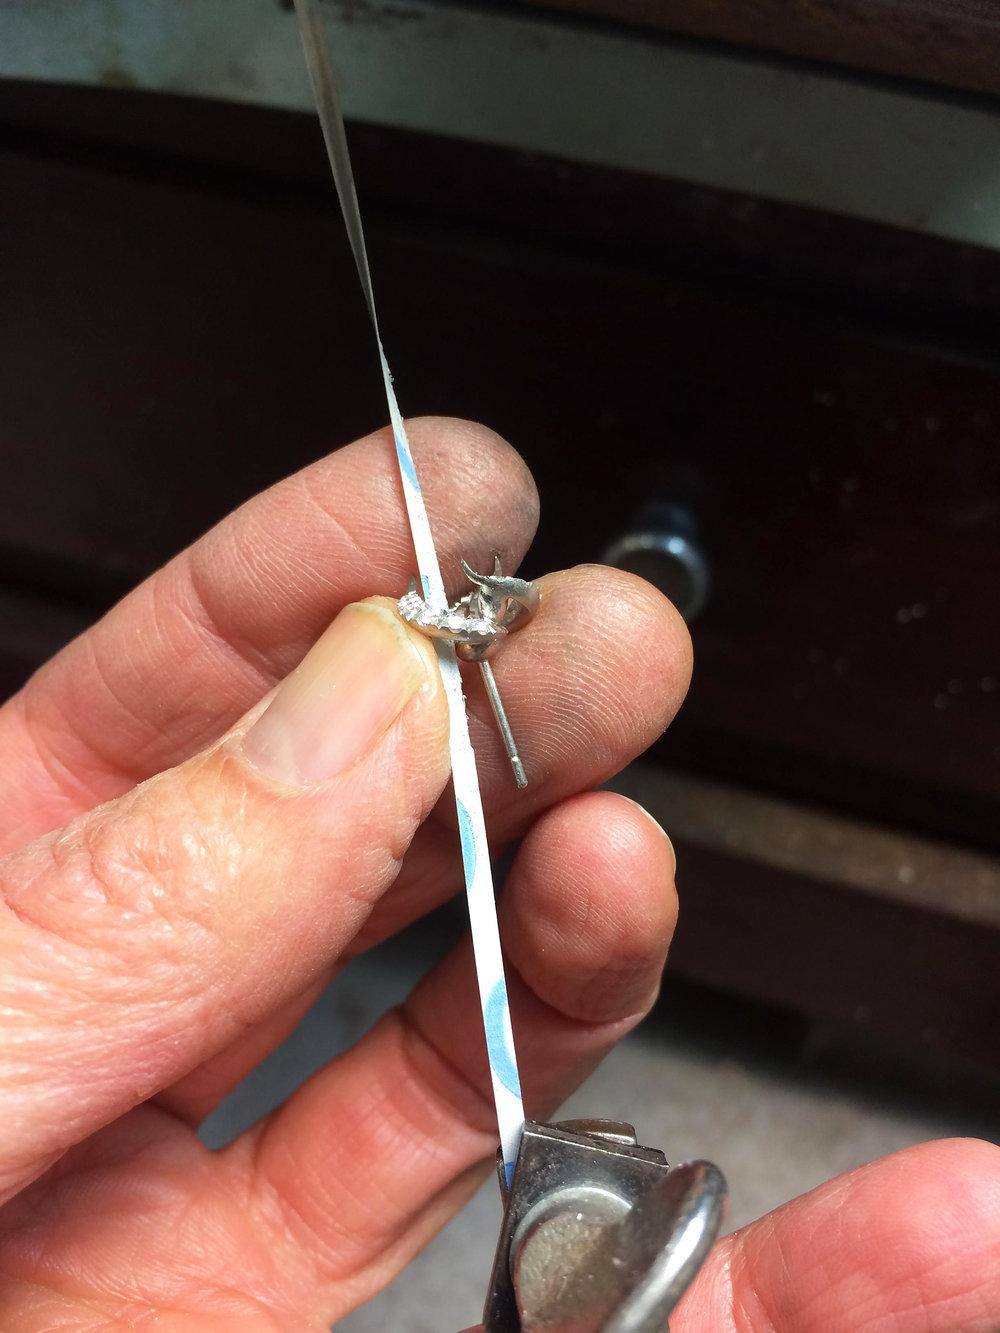 Sanding the earring